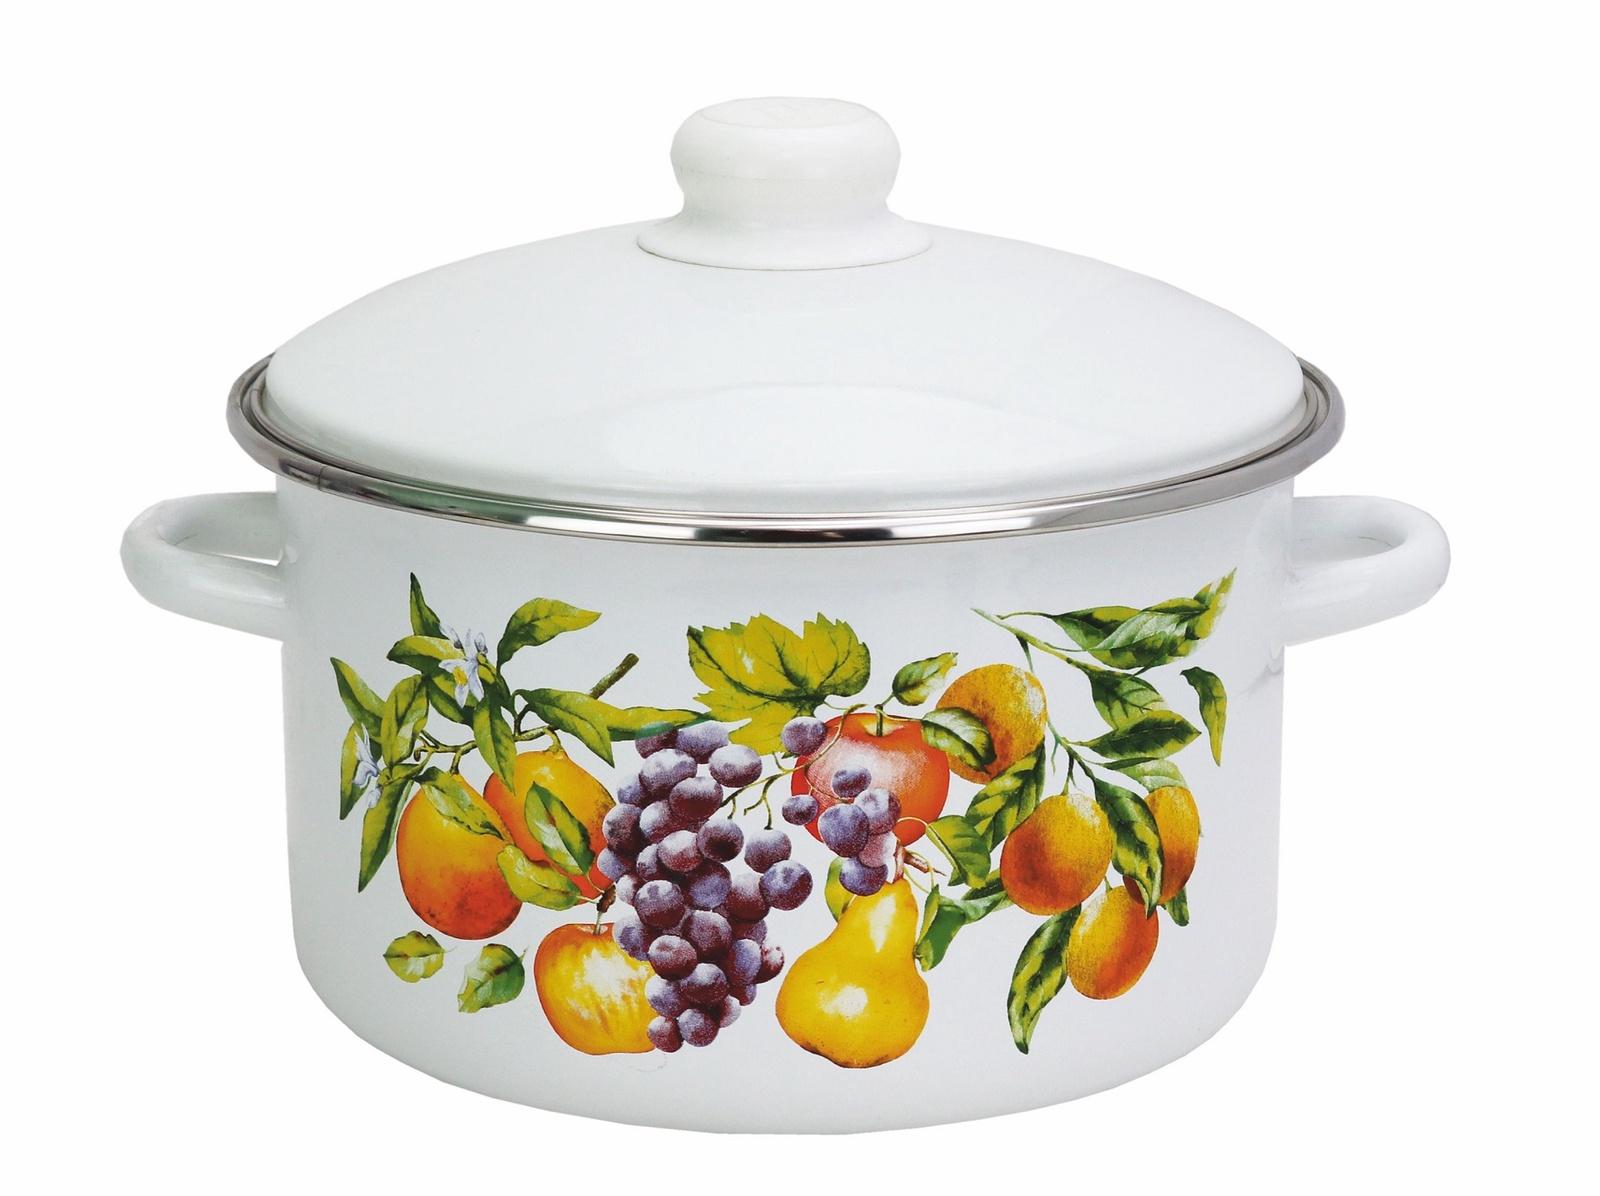 Фото - Кастрюля Эмаль Фрукты, 3 литра с металлической крышкой, белый посуда для приготовления пищи